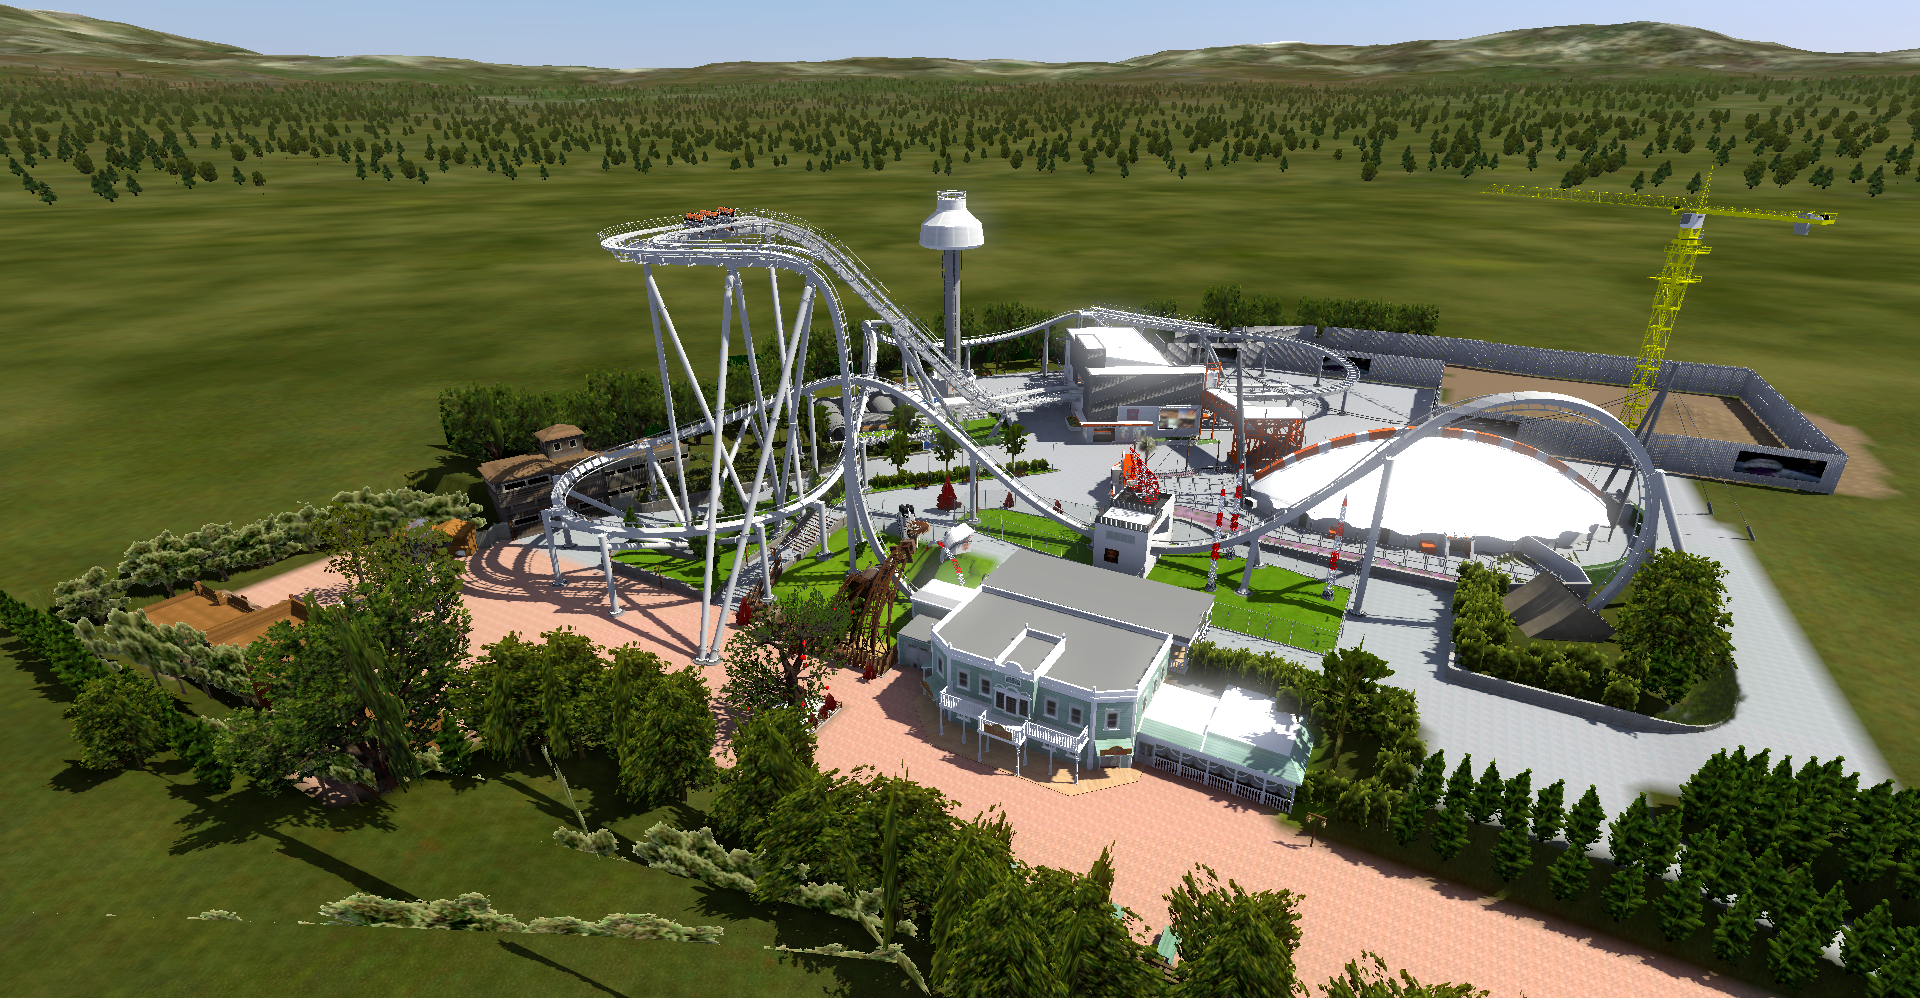 Oblivion v1 Nolimits Coaster